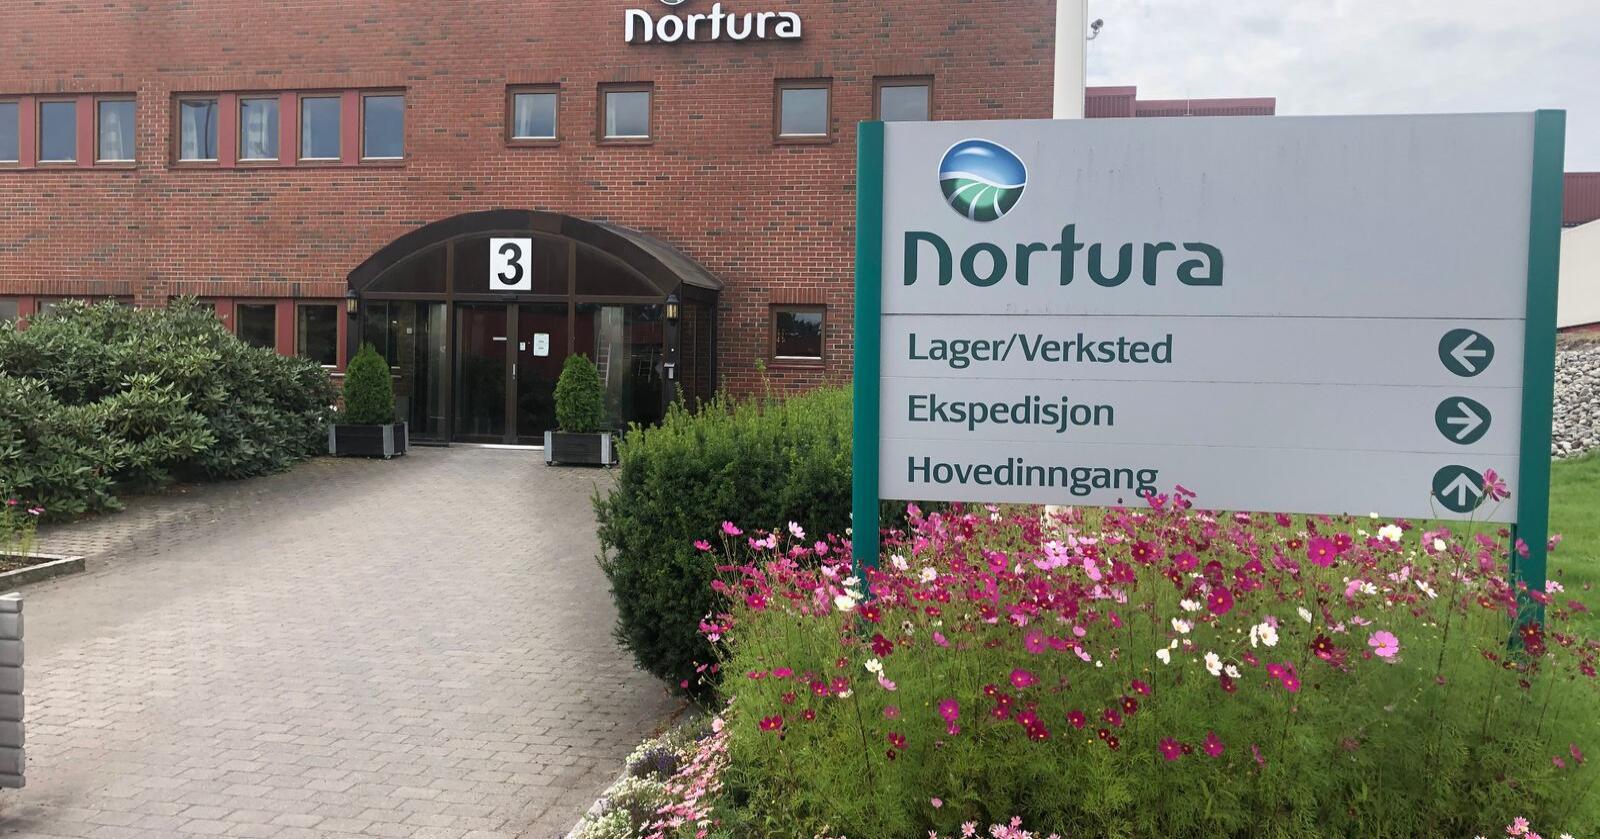 Nortura Tønsberg vil få et kjempeløft om rammeplanen for ny industristruktur blir fasit. Ved dette anlegget vil det bli opptil 150 nye arbeidsplasser totalt, om hele rammeplanen realiseres. (Foto: Nortura)